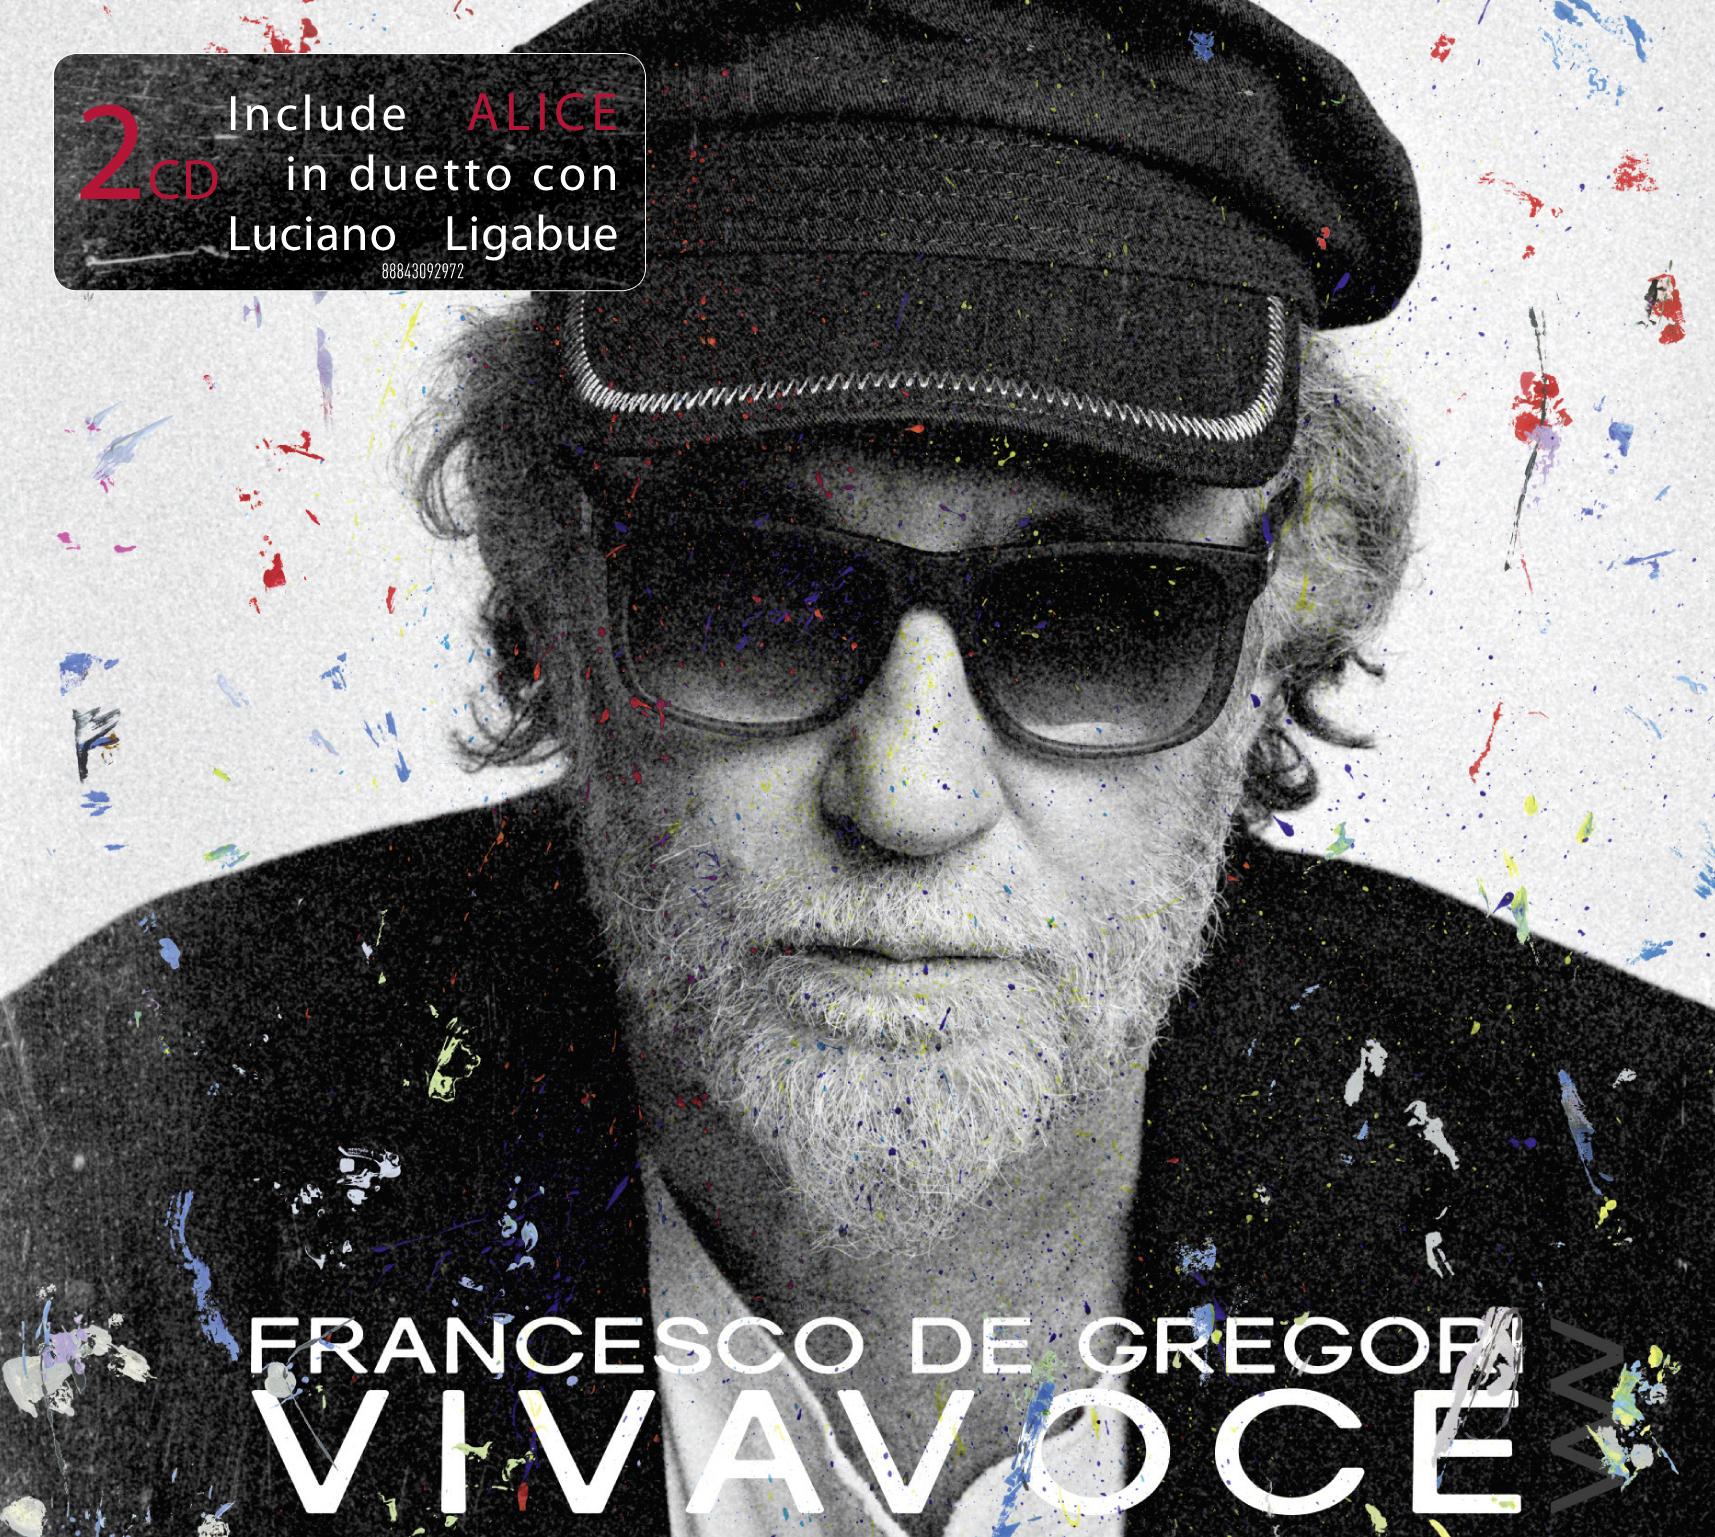 """FRANCESCO DE GREGORI: da oggi in radio """"GENERALE"""", nella nuova versione inclusa nel doppio album """"VIVAVOCE"""""""